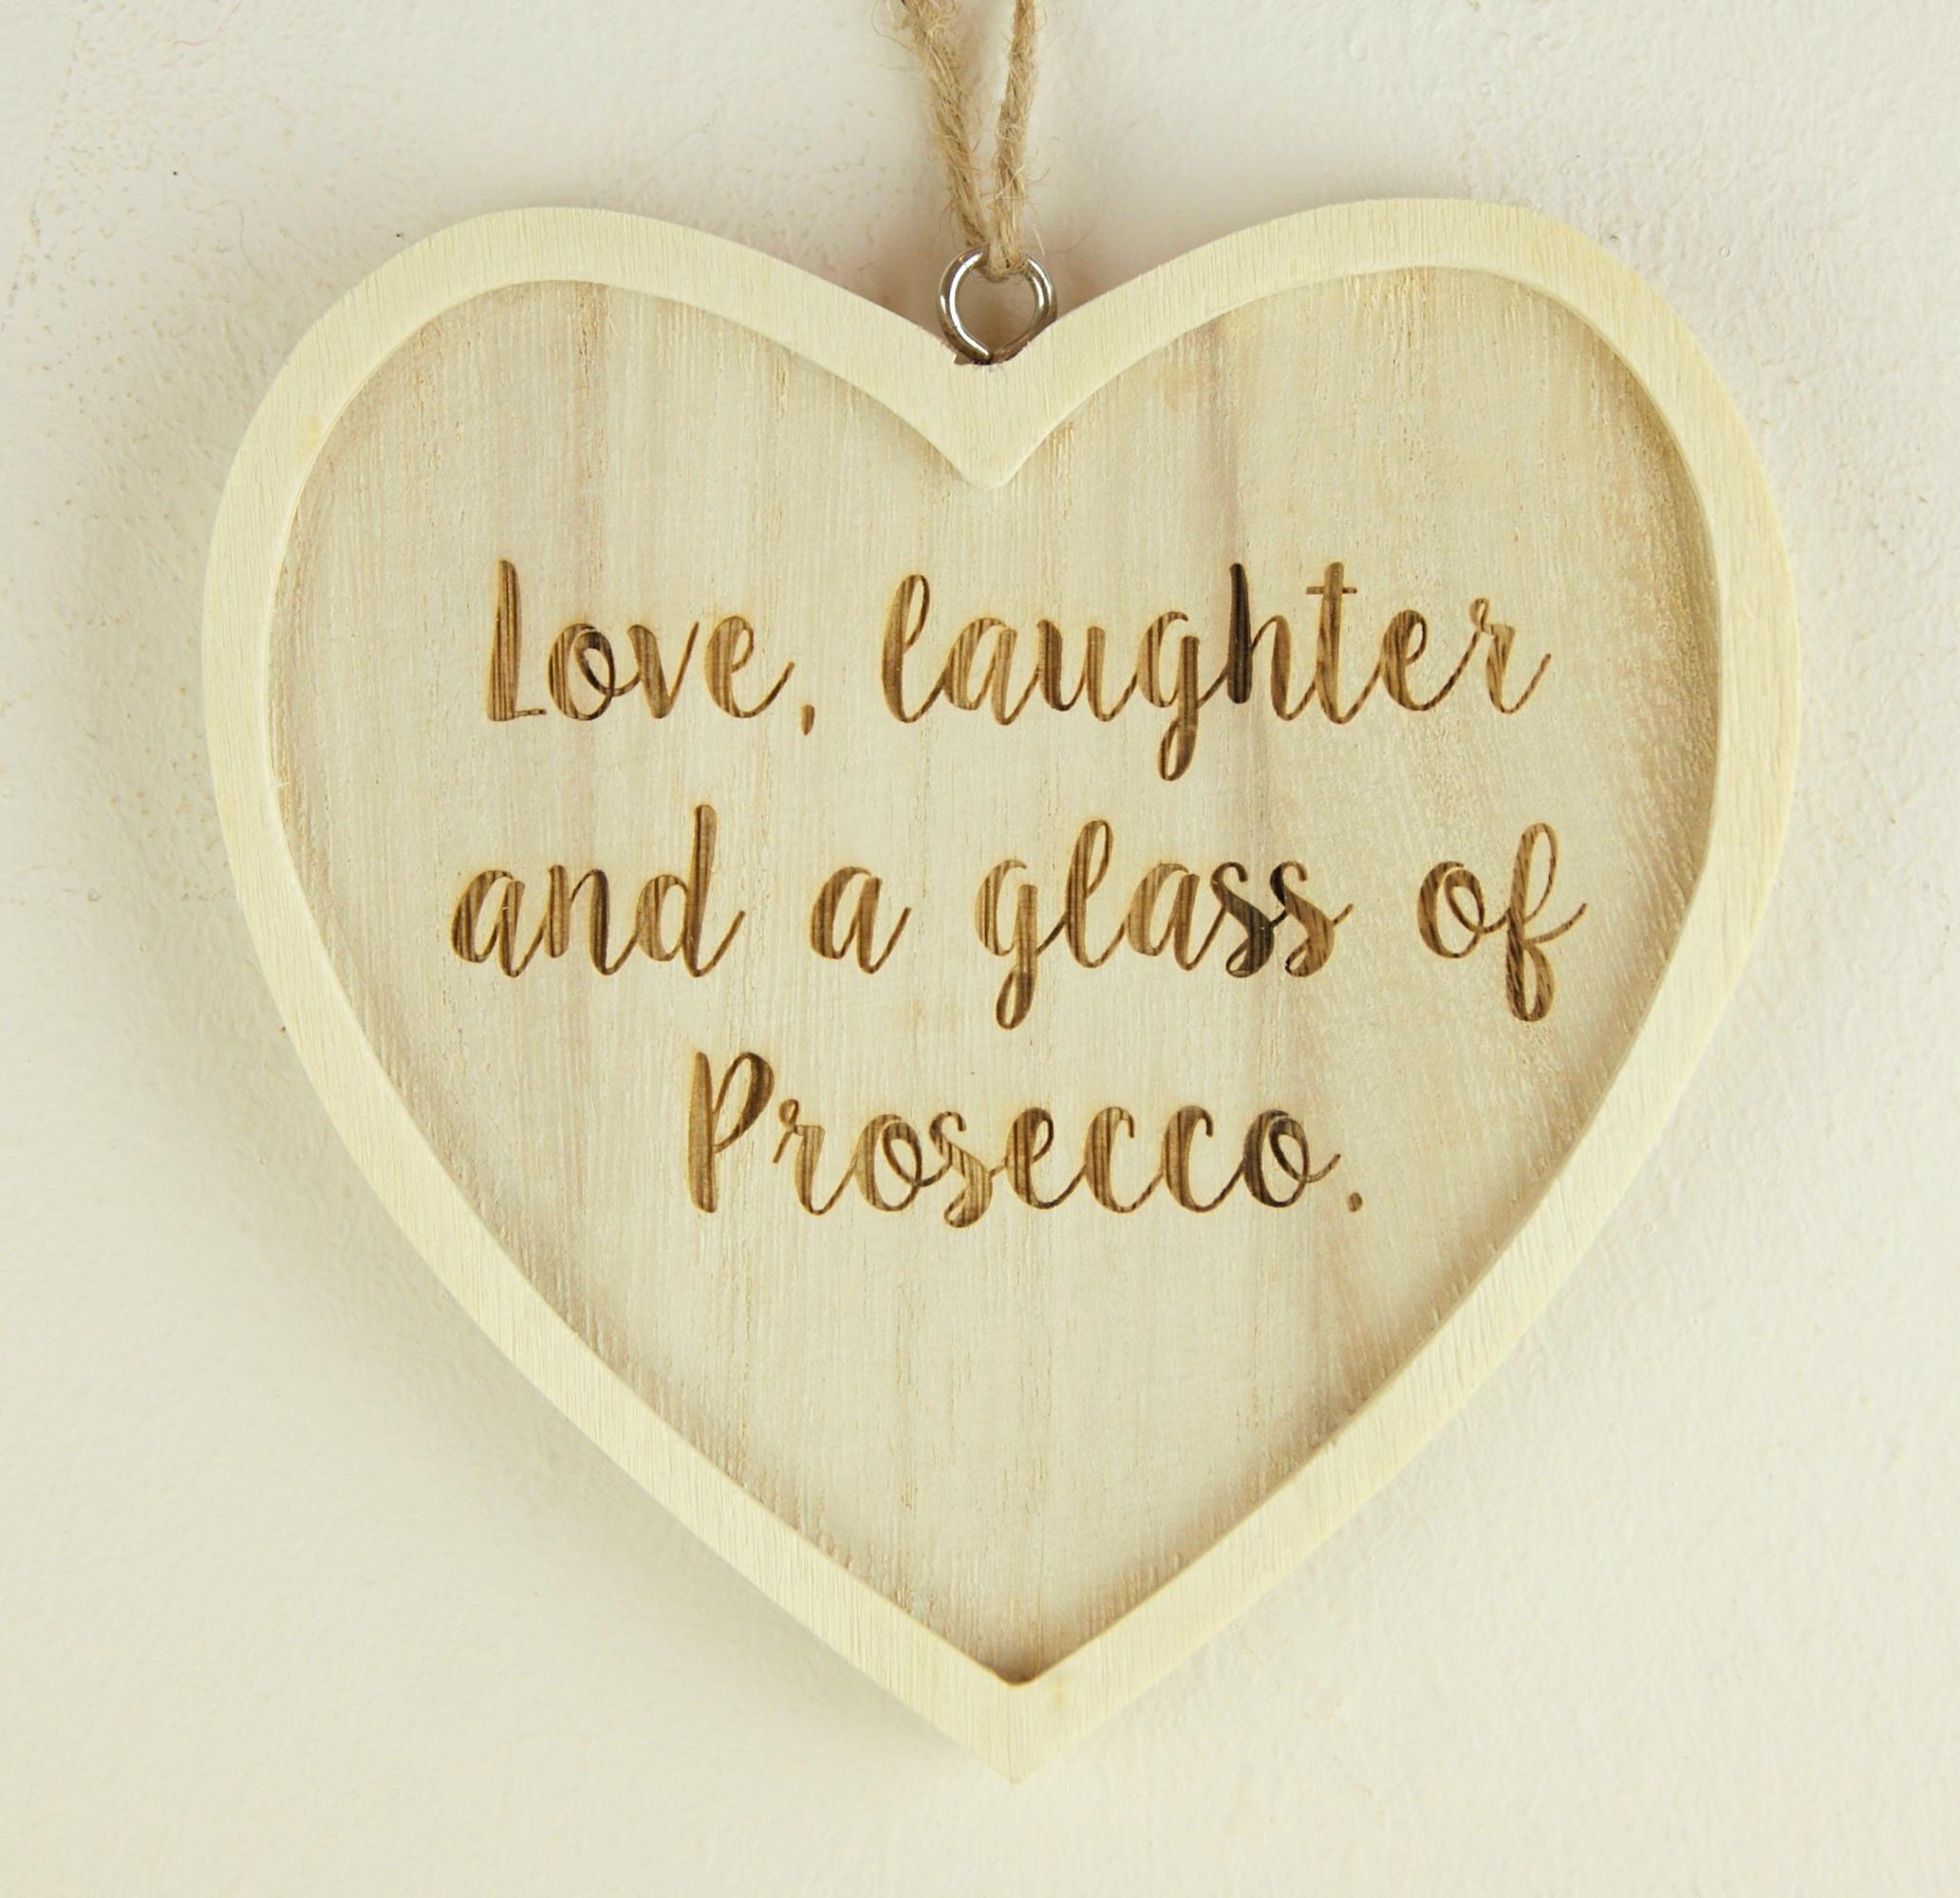 Love Quote Signs Love Laughter Prosecco Heart Sign Home Decor Home Of La Juniper